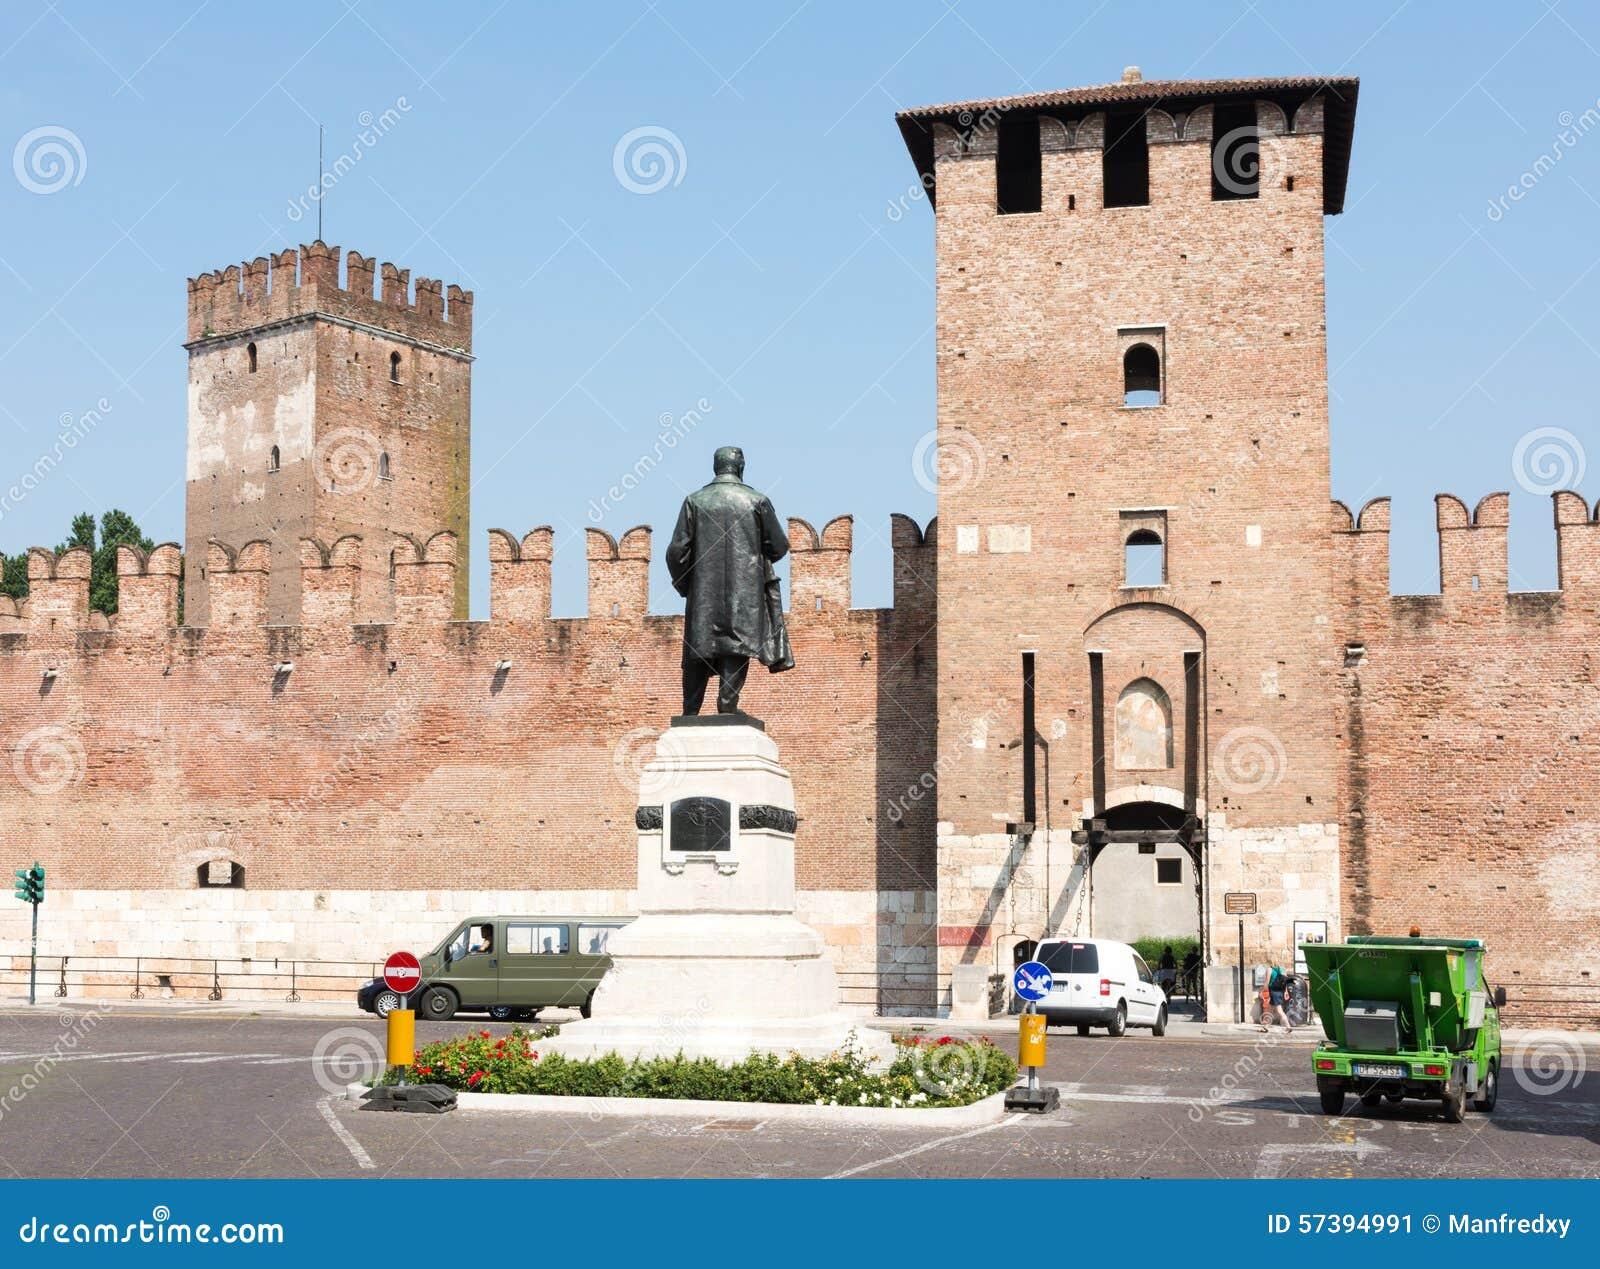 Toren van Castelveccio in Verona